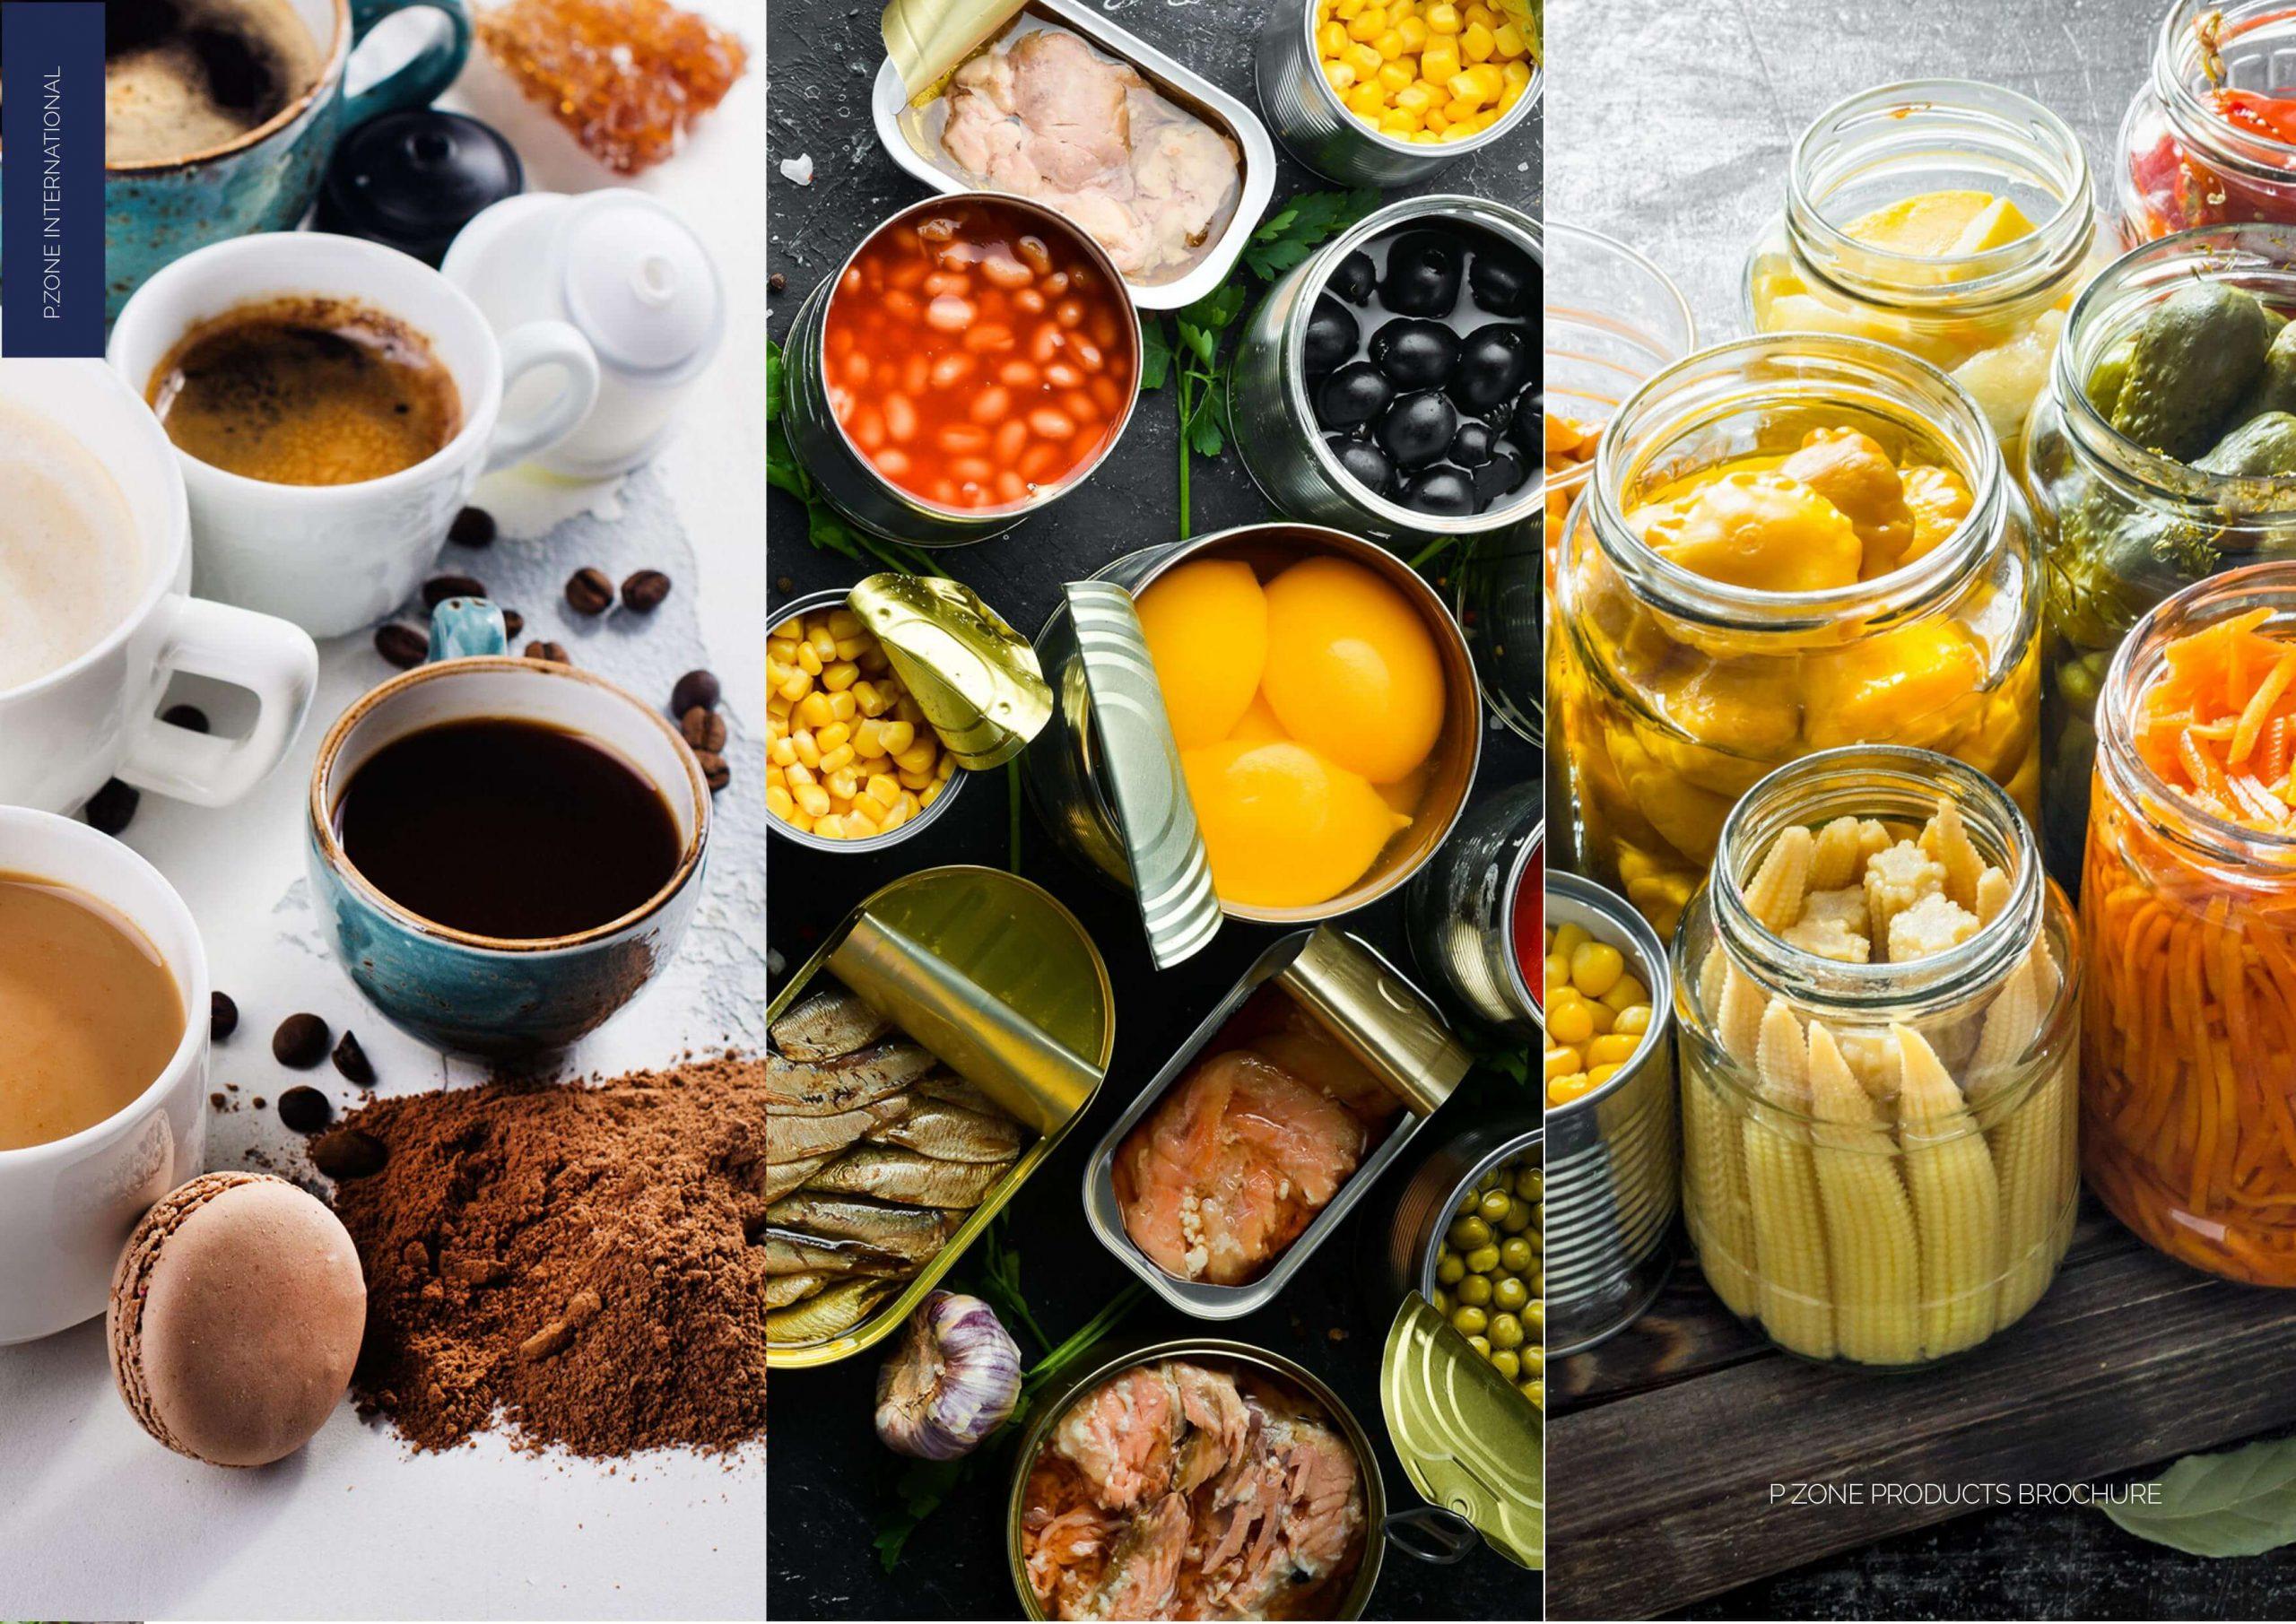 شركات تصدير منتجات غذائية